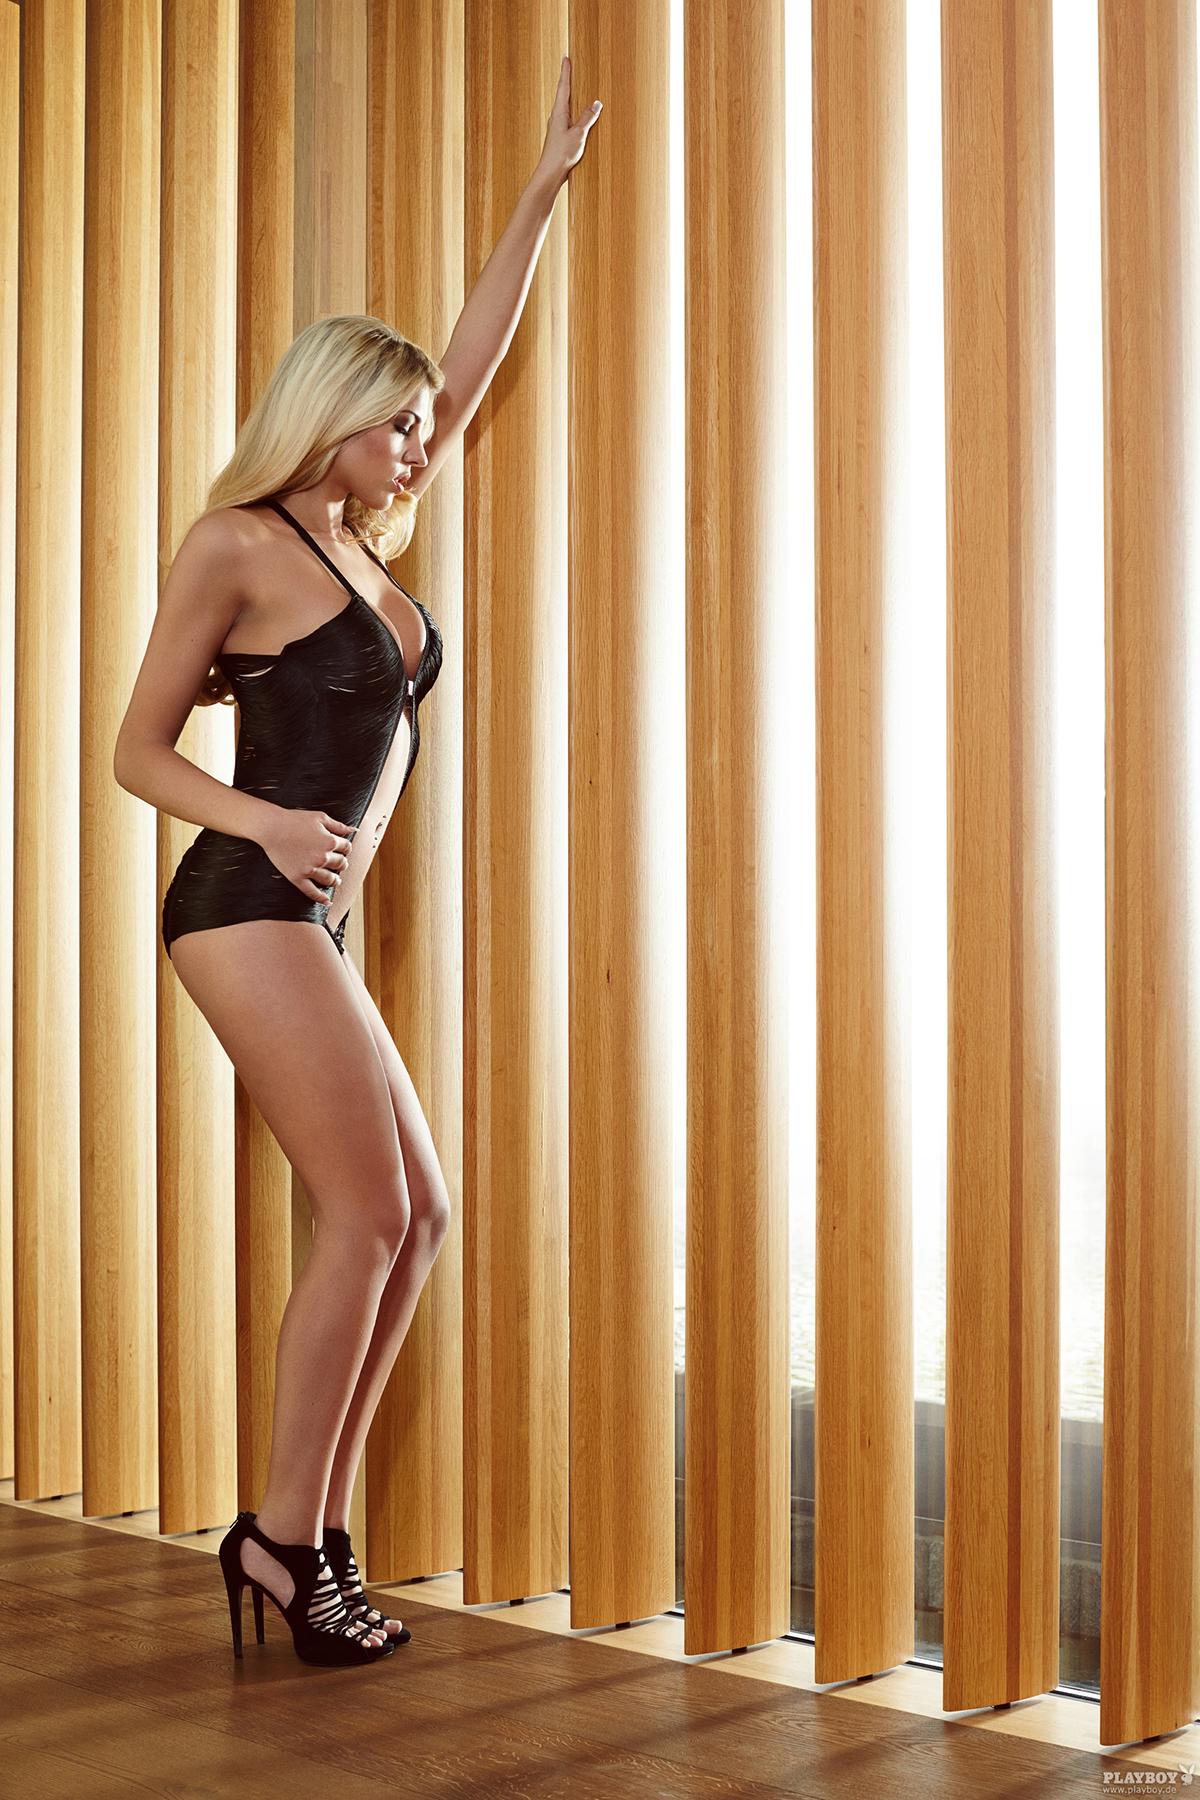 Busty Blonde Sarah Nowak Via Playboy DE - 04